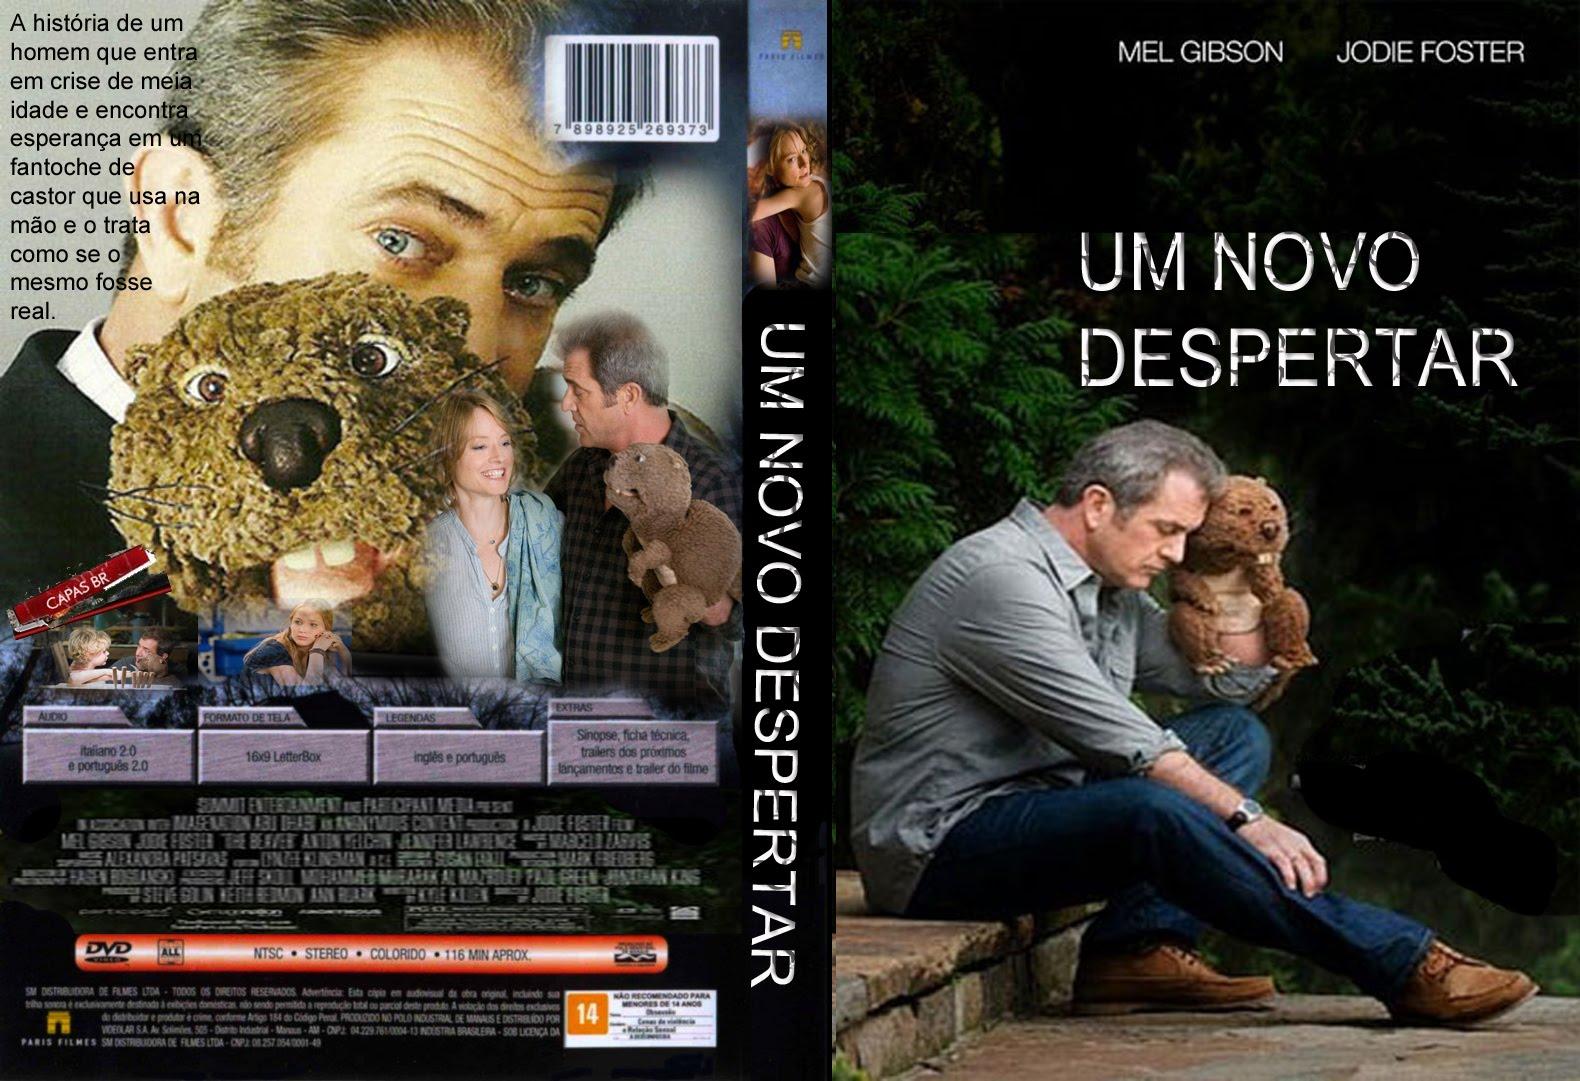 http://2.bp.blogspot.com/-3fPqz9uRBHY/TcQSojRz6LI/AAAAAAAAAVw/mjxNsziU6k8/s1600/Um_Novo_Despertar_-_capasbr.jpg